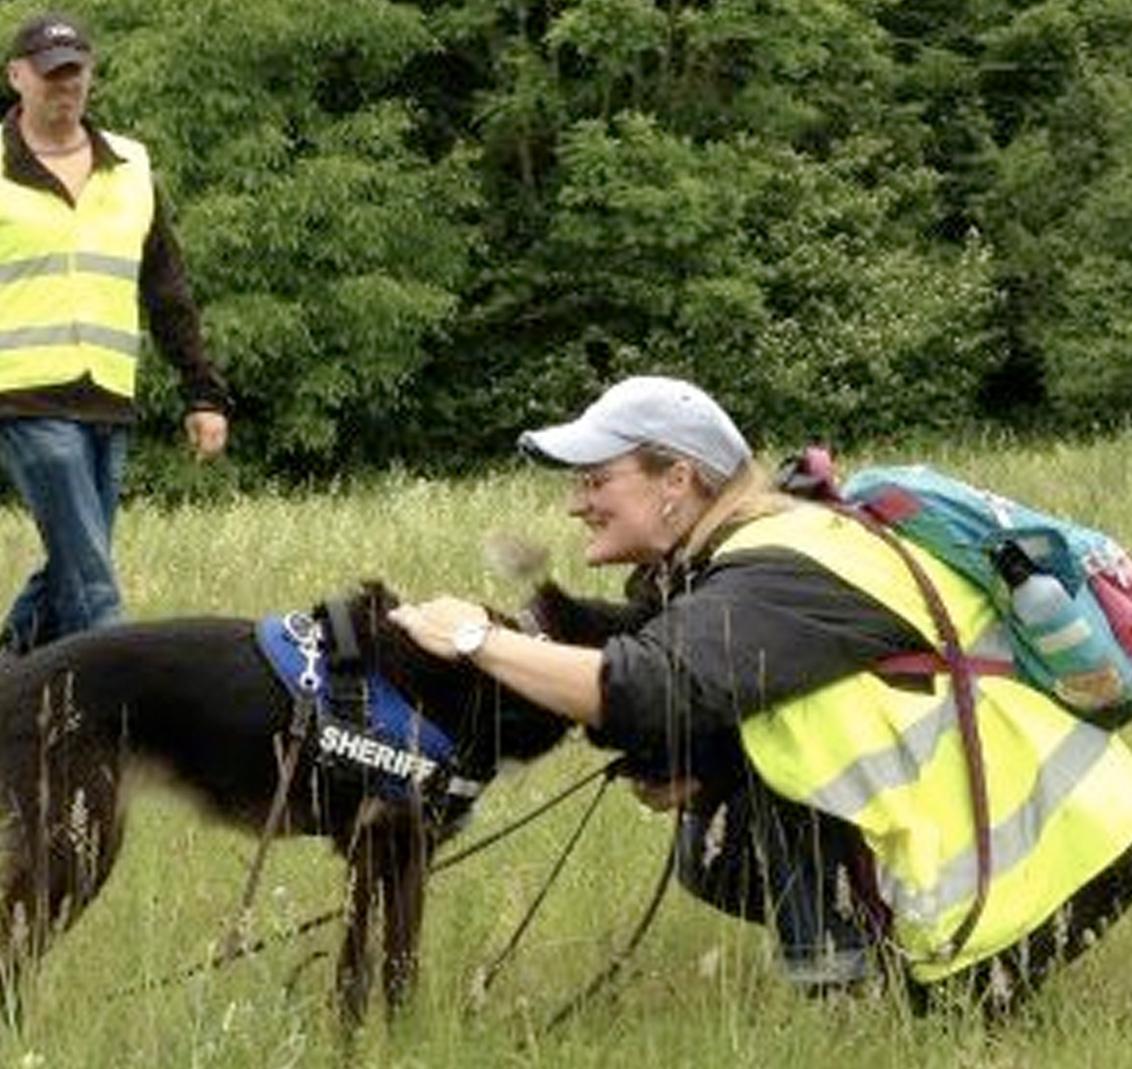 Der Hund als Nasenspezialist kann Fährten finden und vermisste Personen suchen. Spielerisch üben Mensch und Hund diese Fähigkeiten bis zur Perfektion.